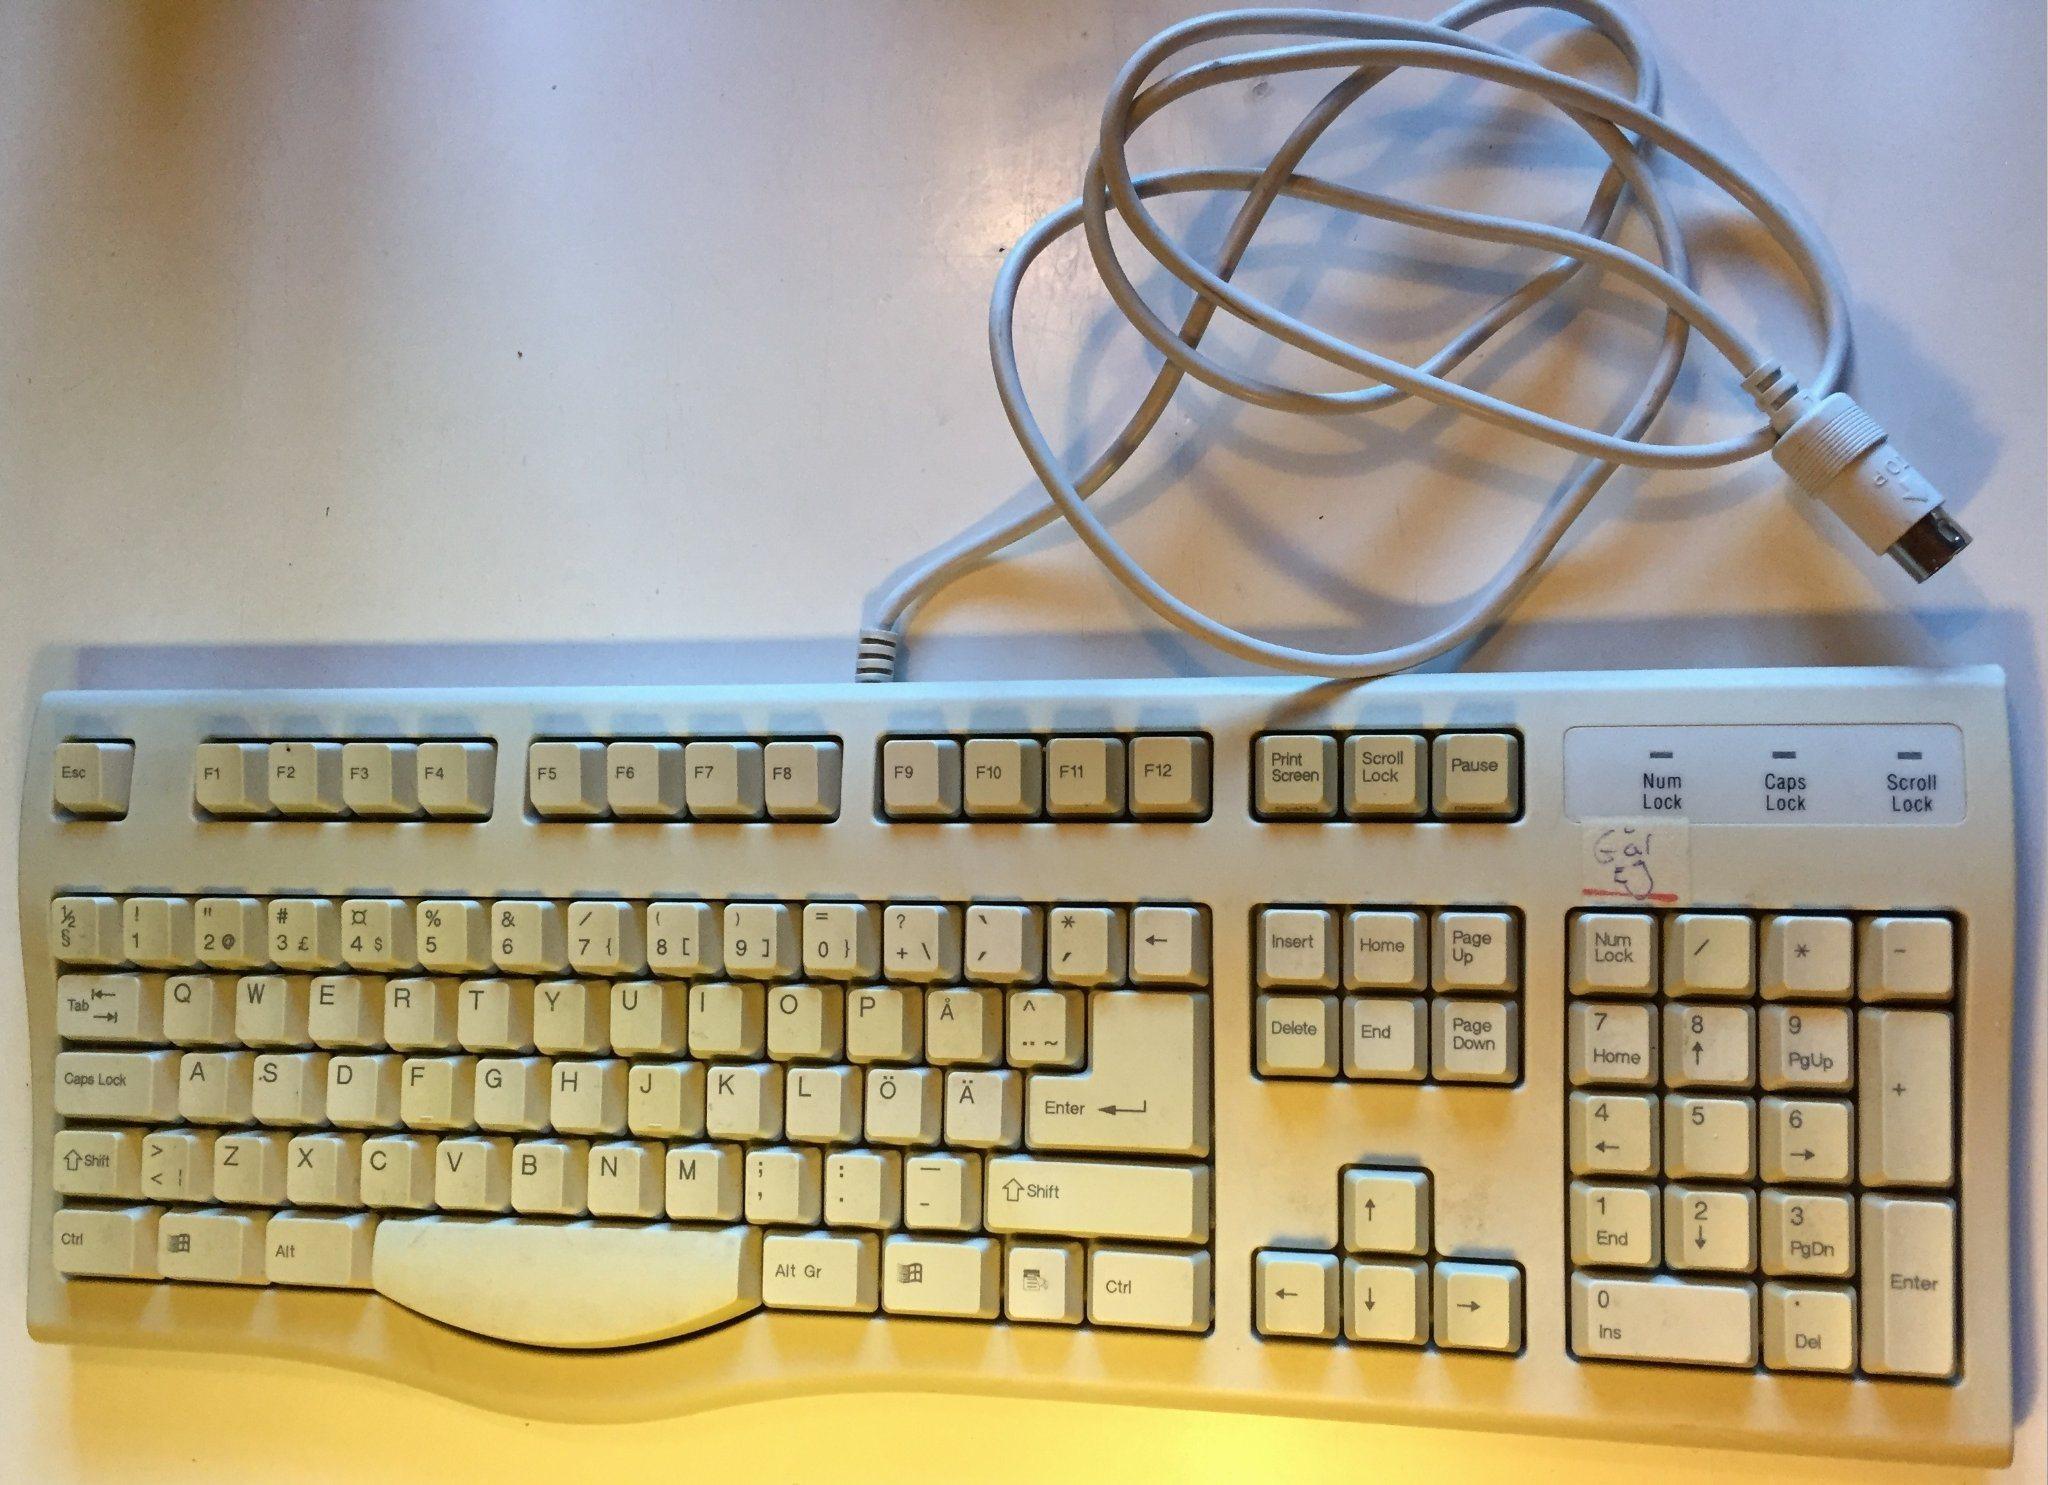 DIN-kontakts tangentbord. Går ej. Allt är helt .. (340558698) ᐈ Köp ... 9c6f44f14bbdf